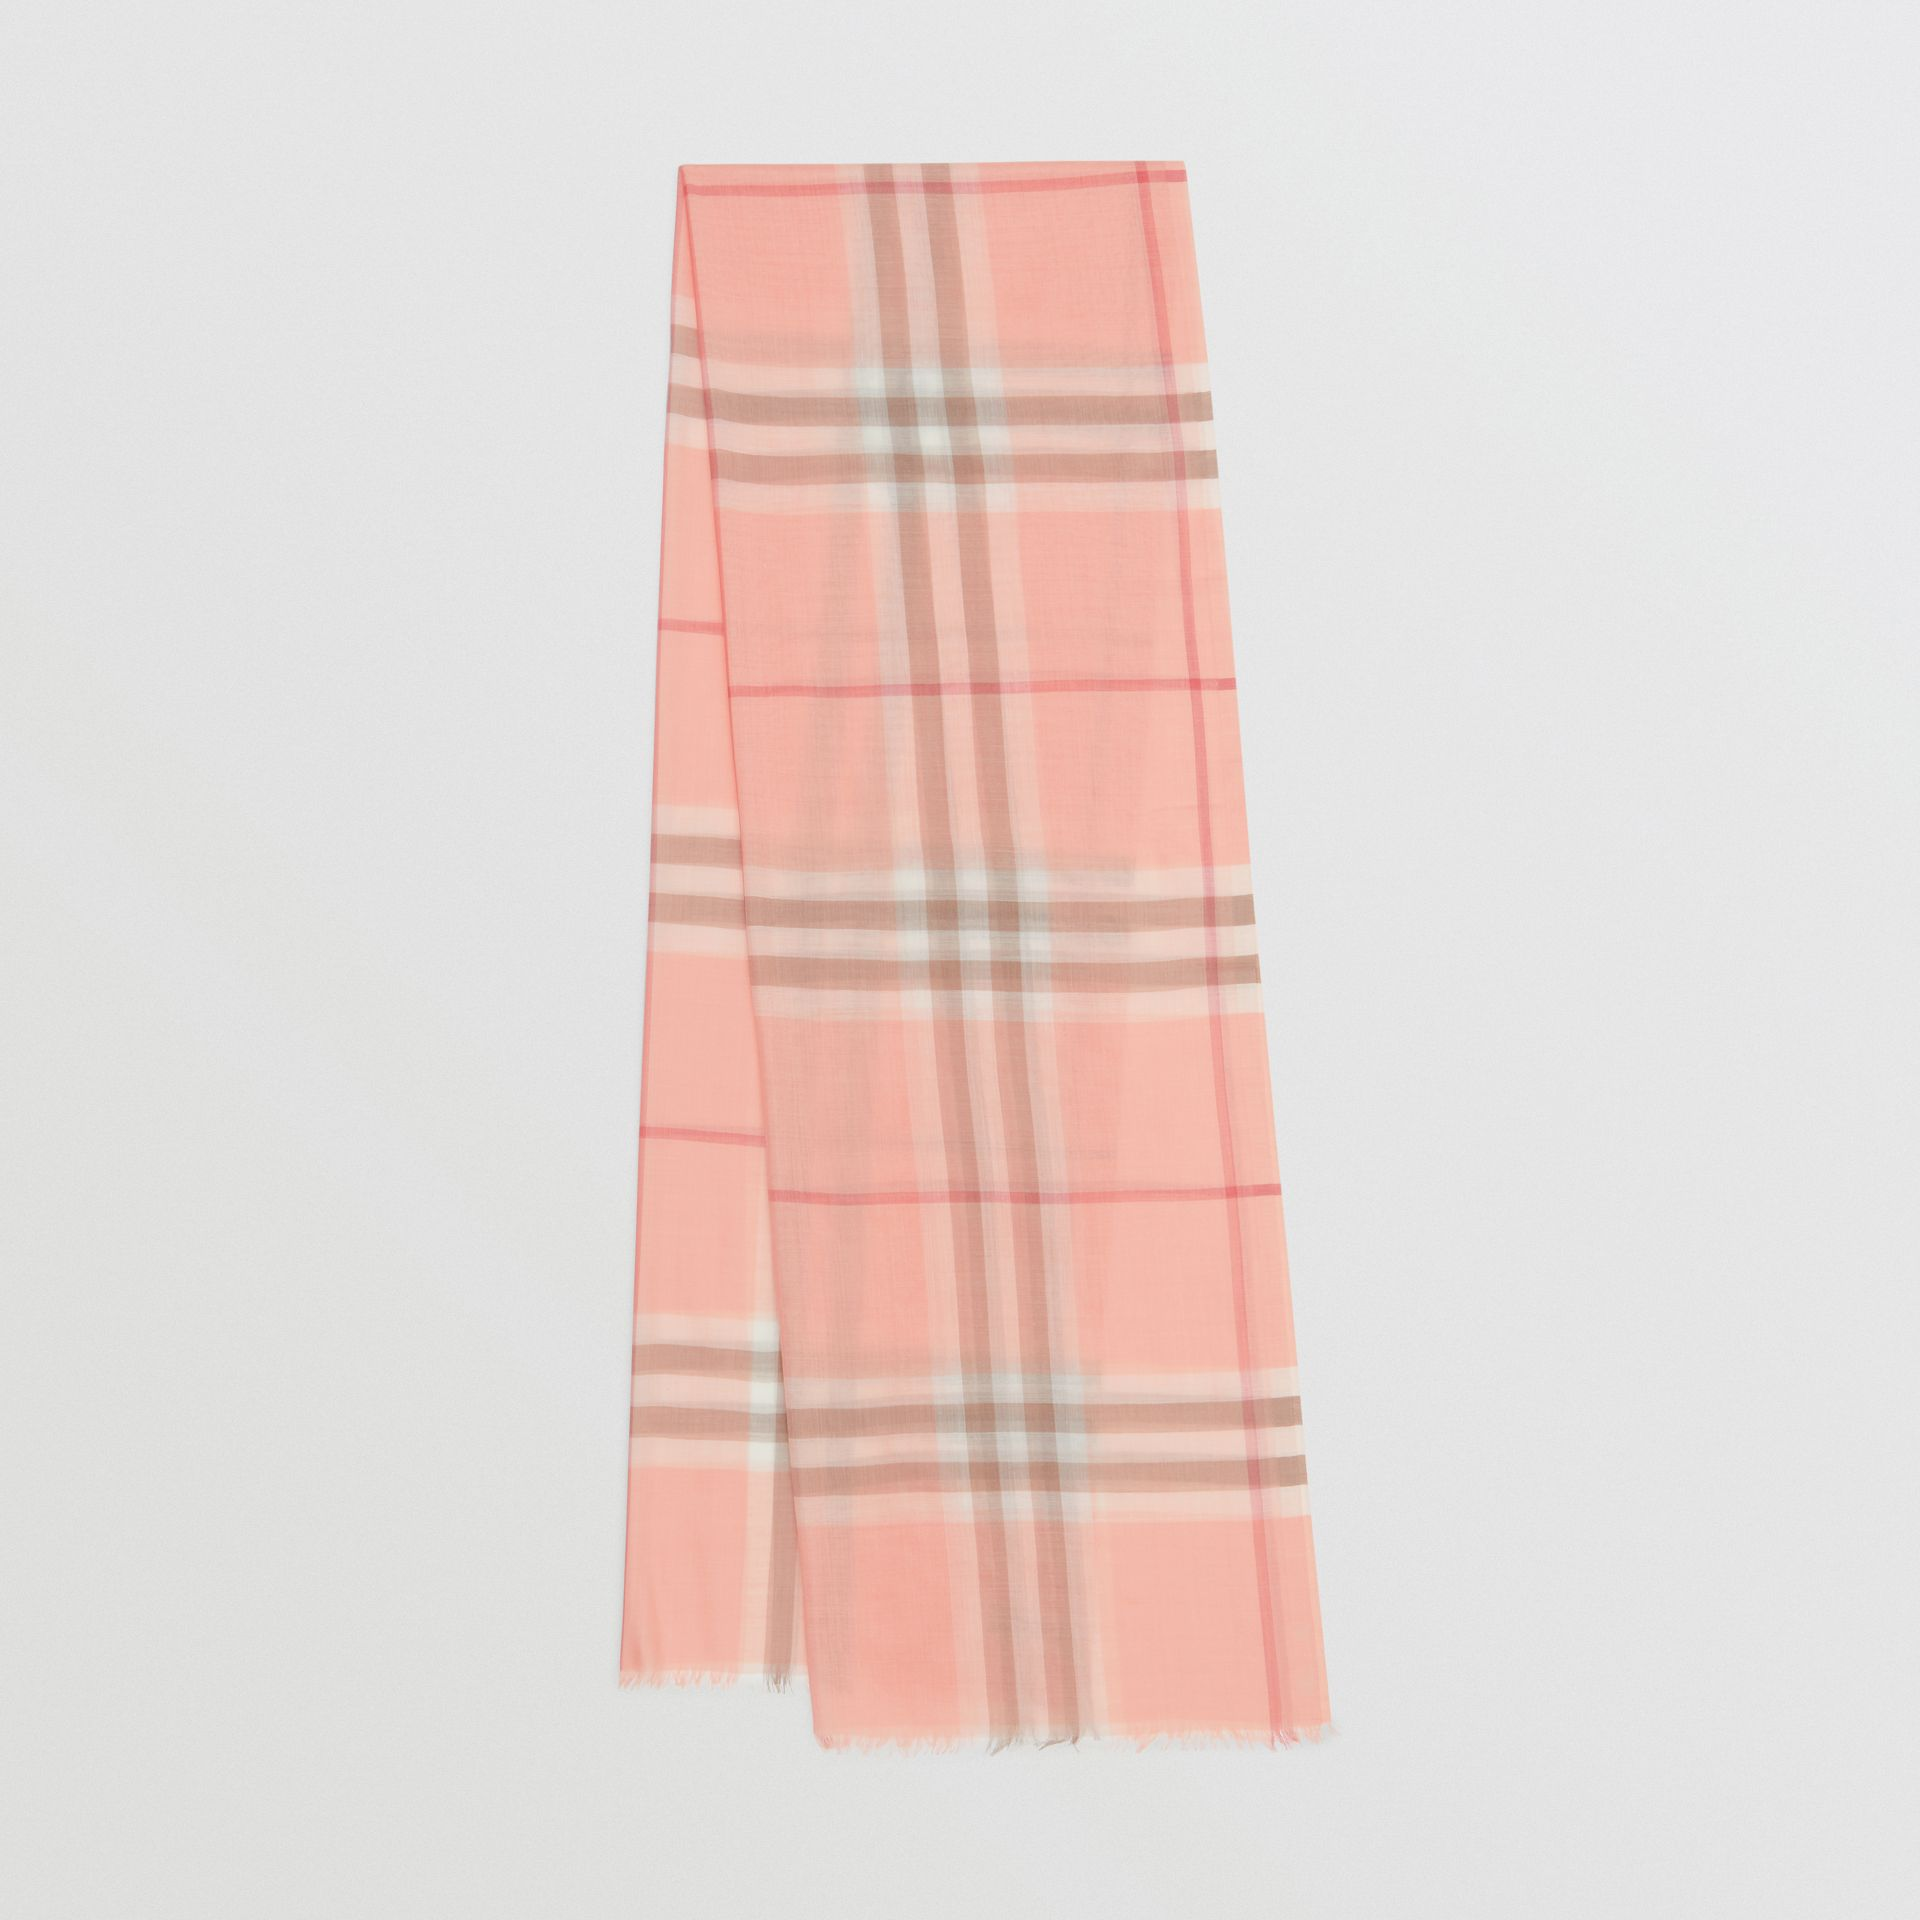 輕盈格紋羊毛絲綢圍巾 (粉蜜桃色) | Burberry - 圖庫照片 0